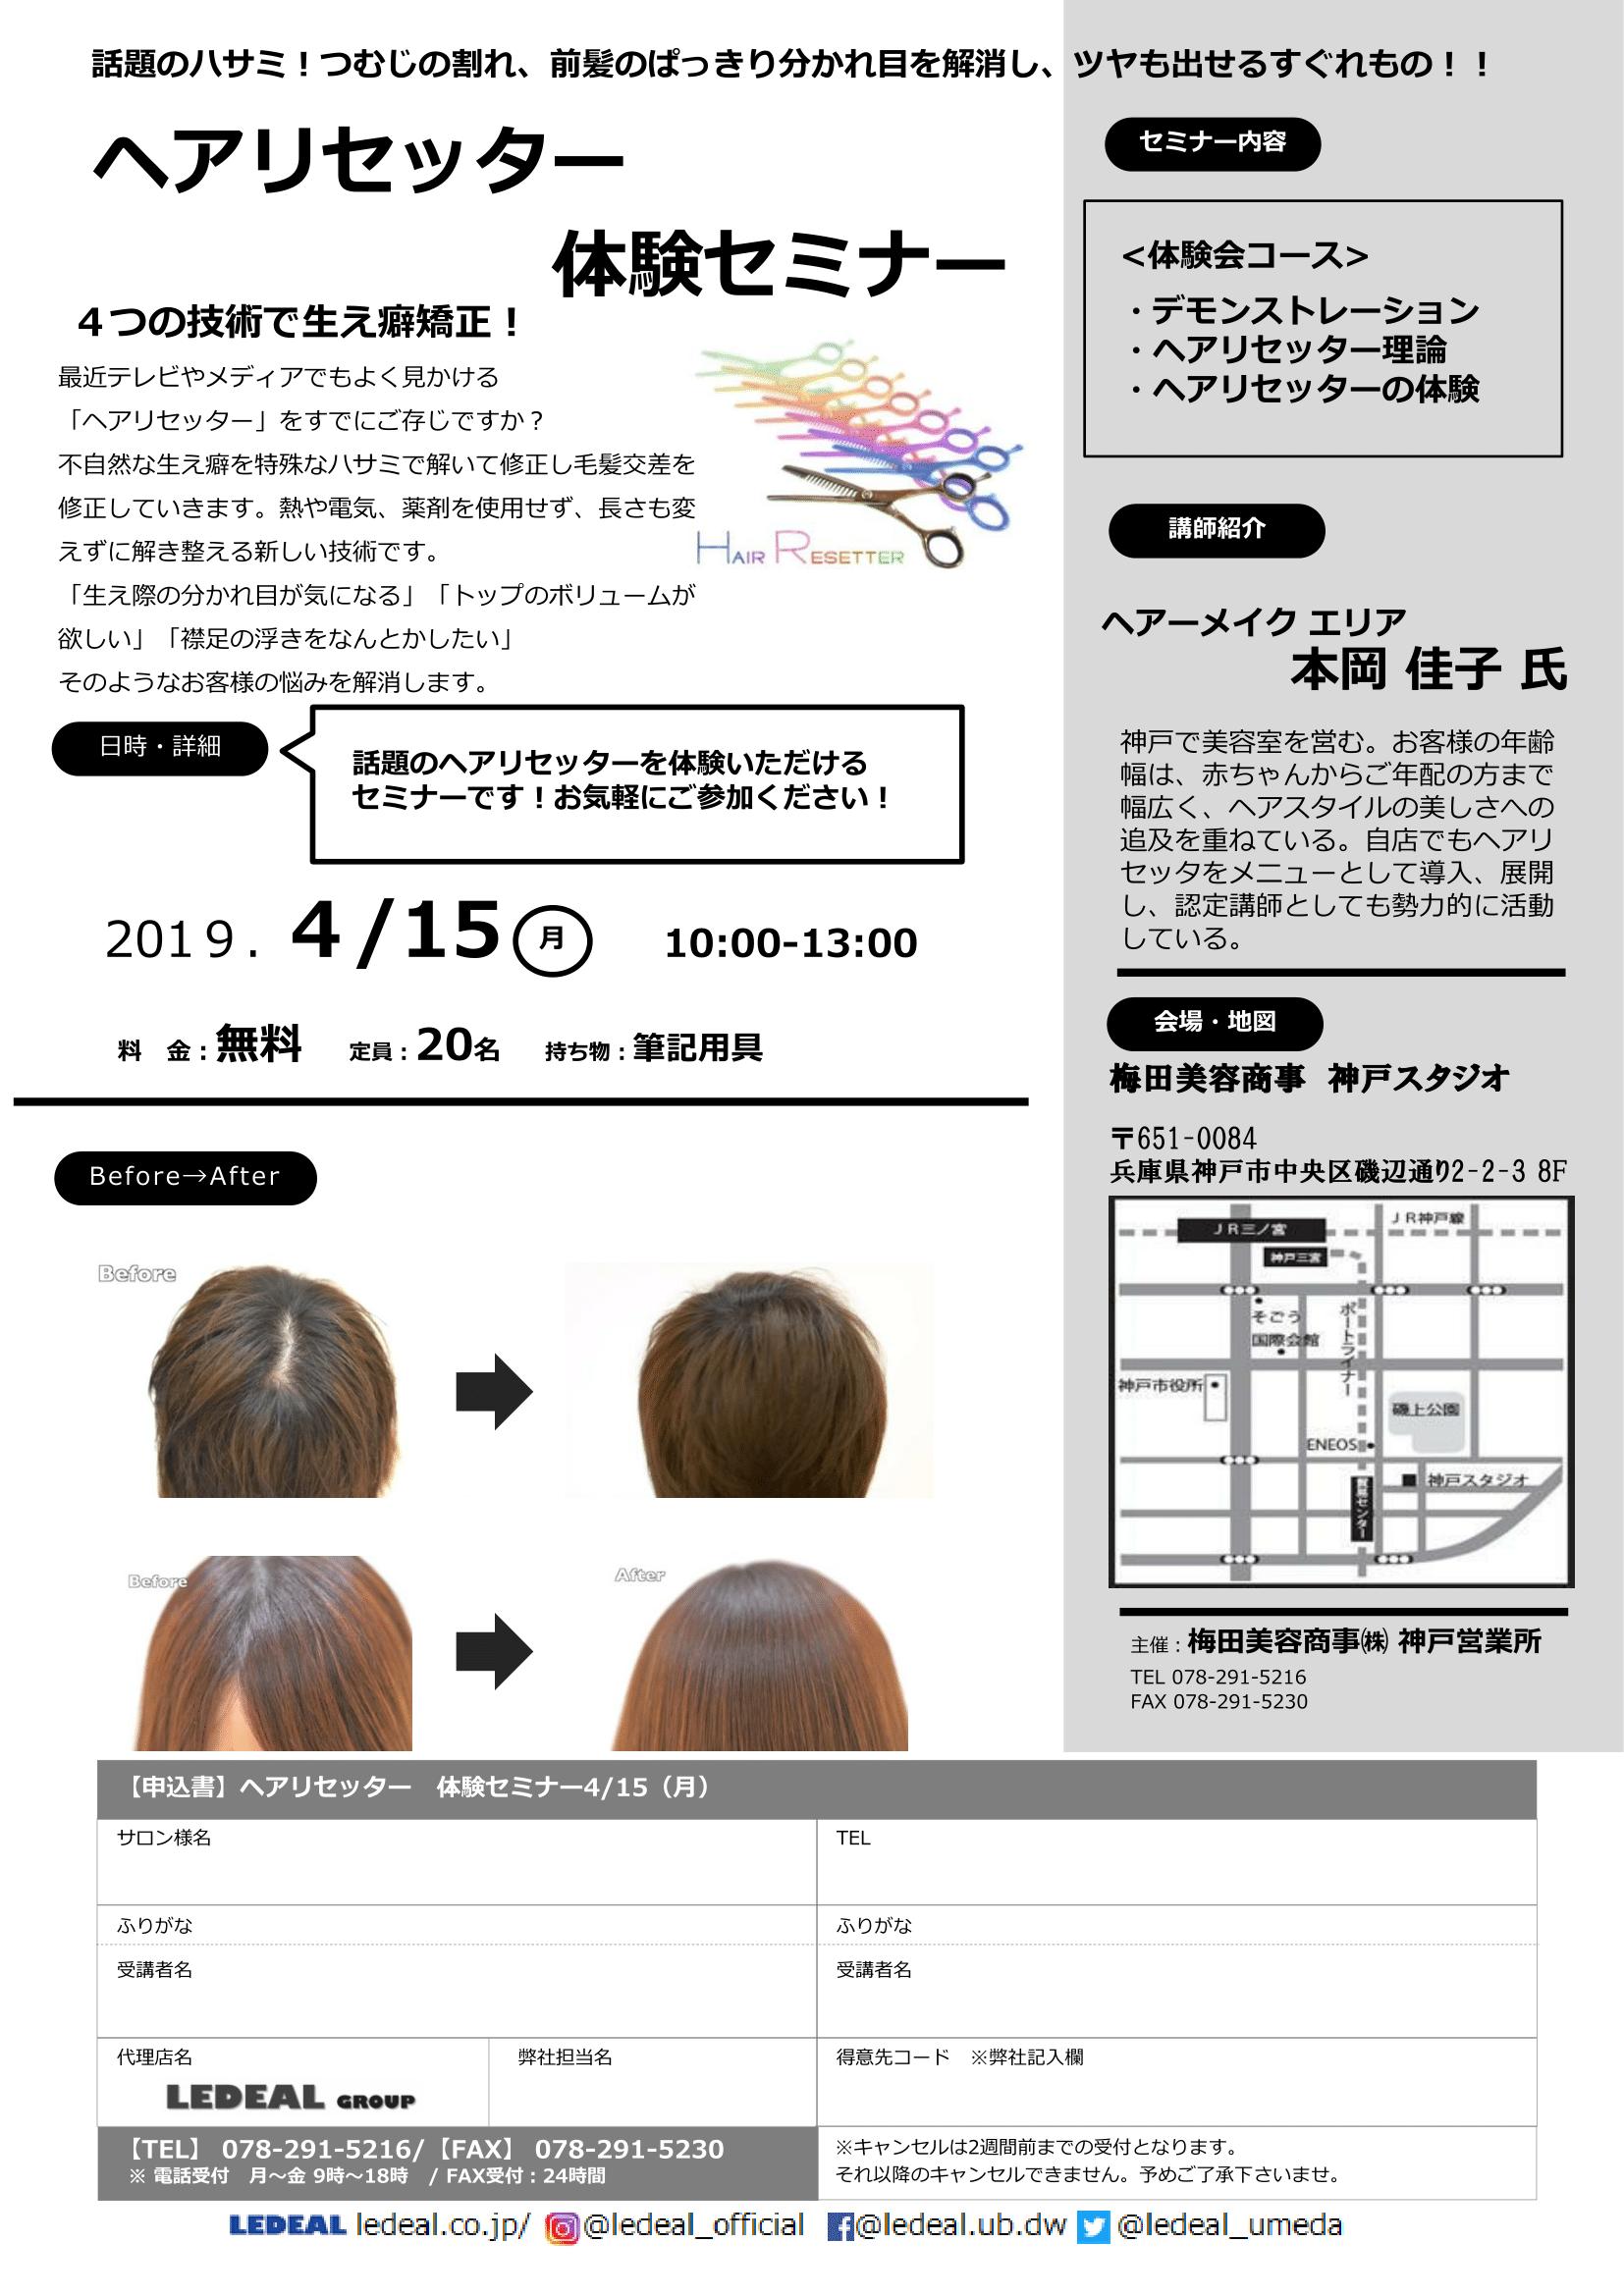 【神戸】ヘアリセッター 体験セミナー